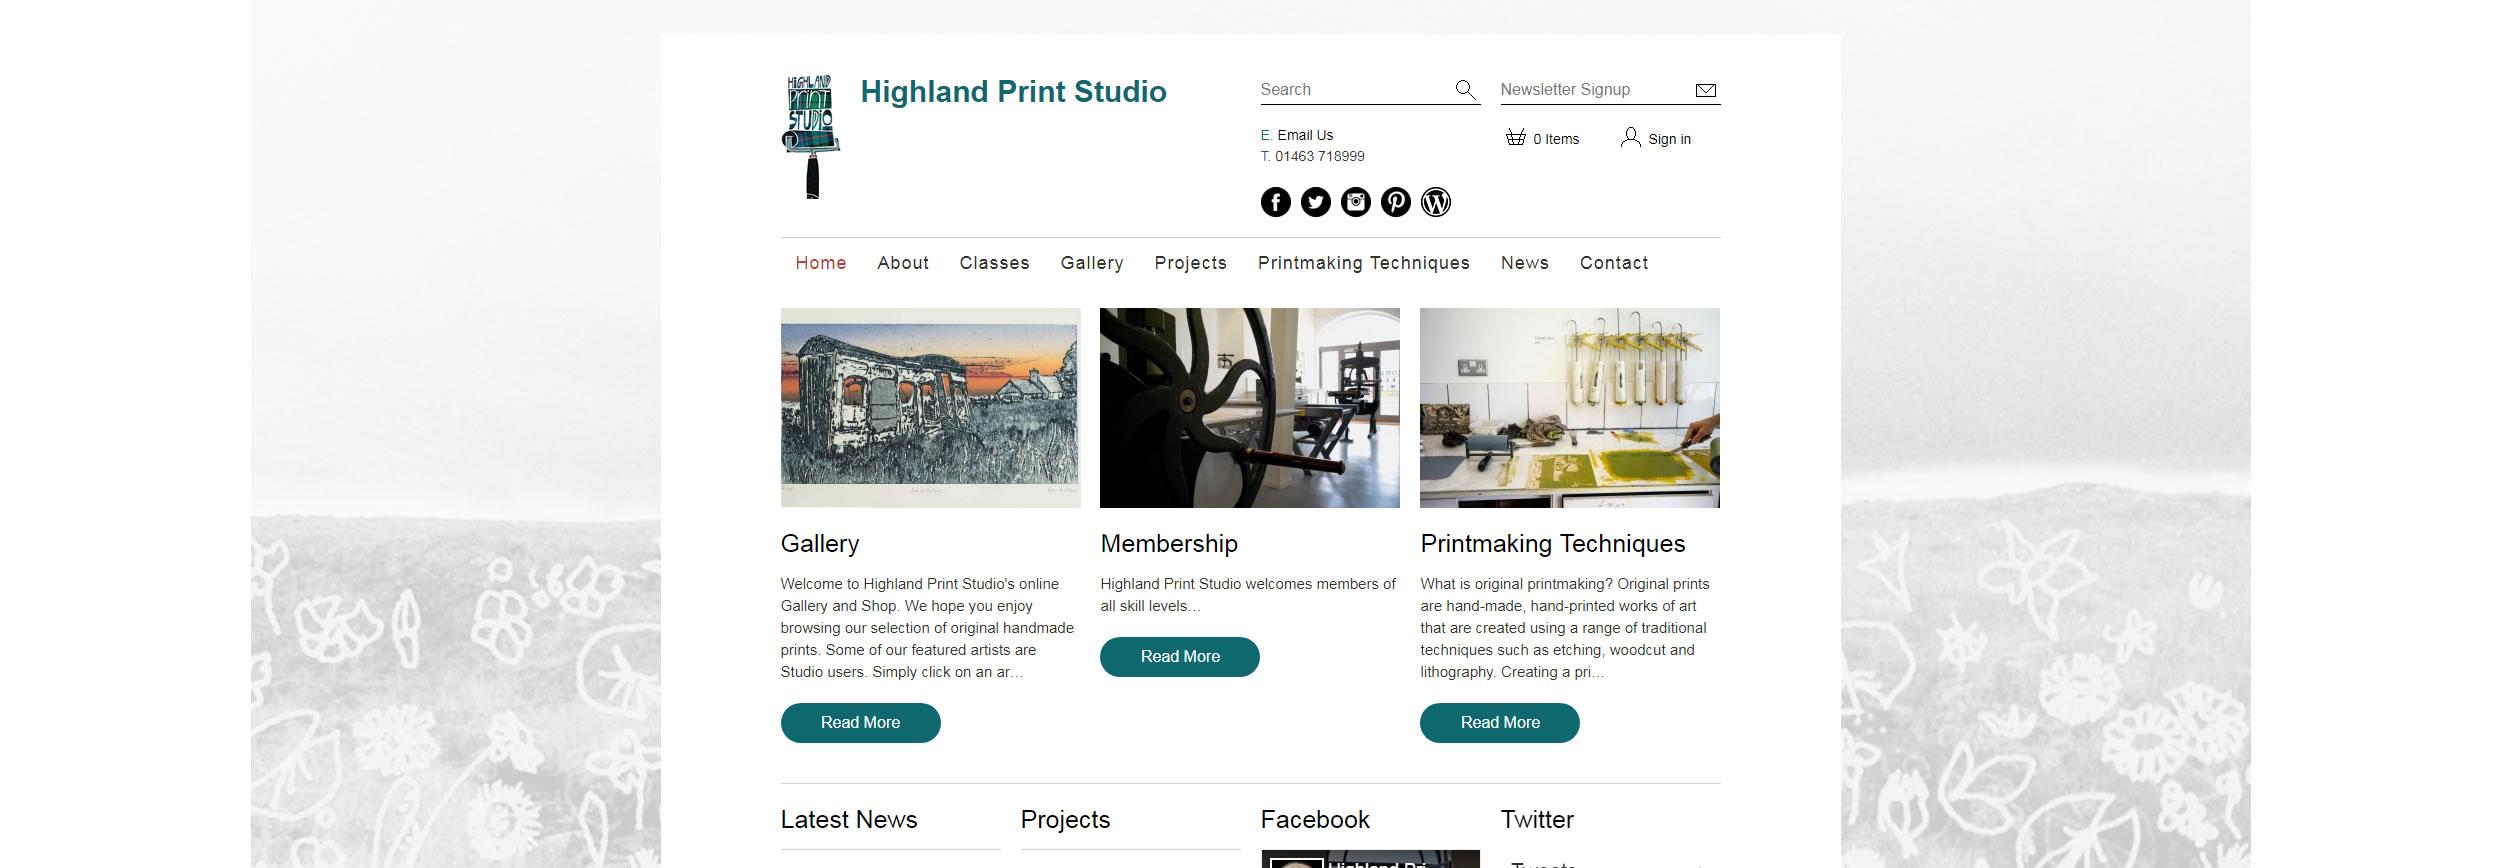 highland_print_studio_galeria_de_gravura